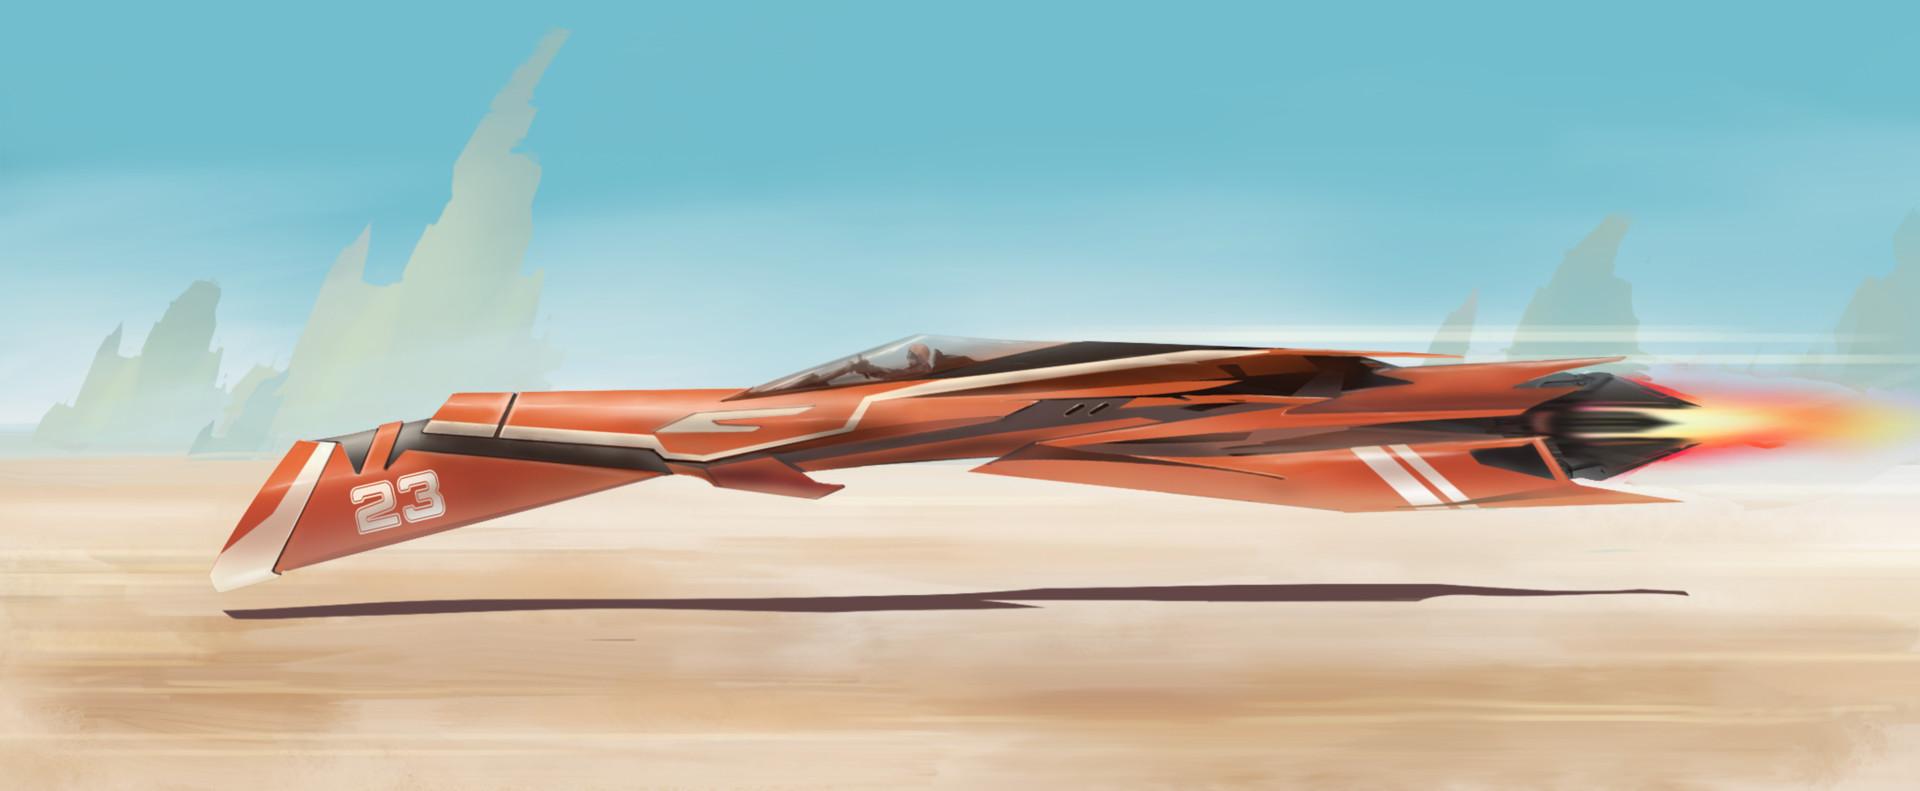 alex-schnarr-speeder.jpg?1491622486